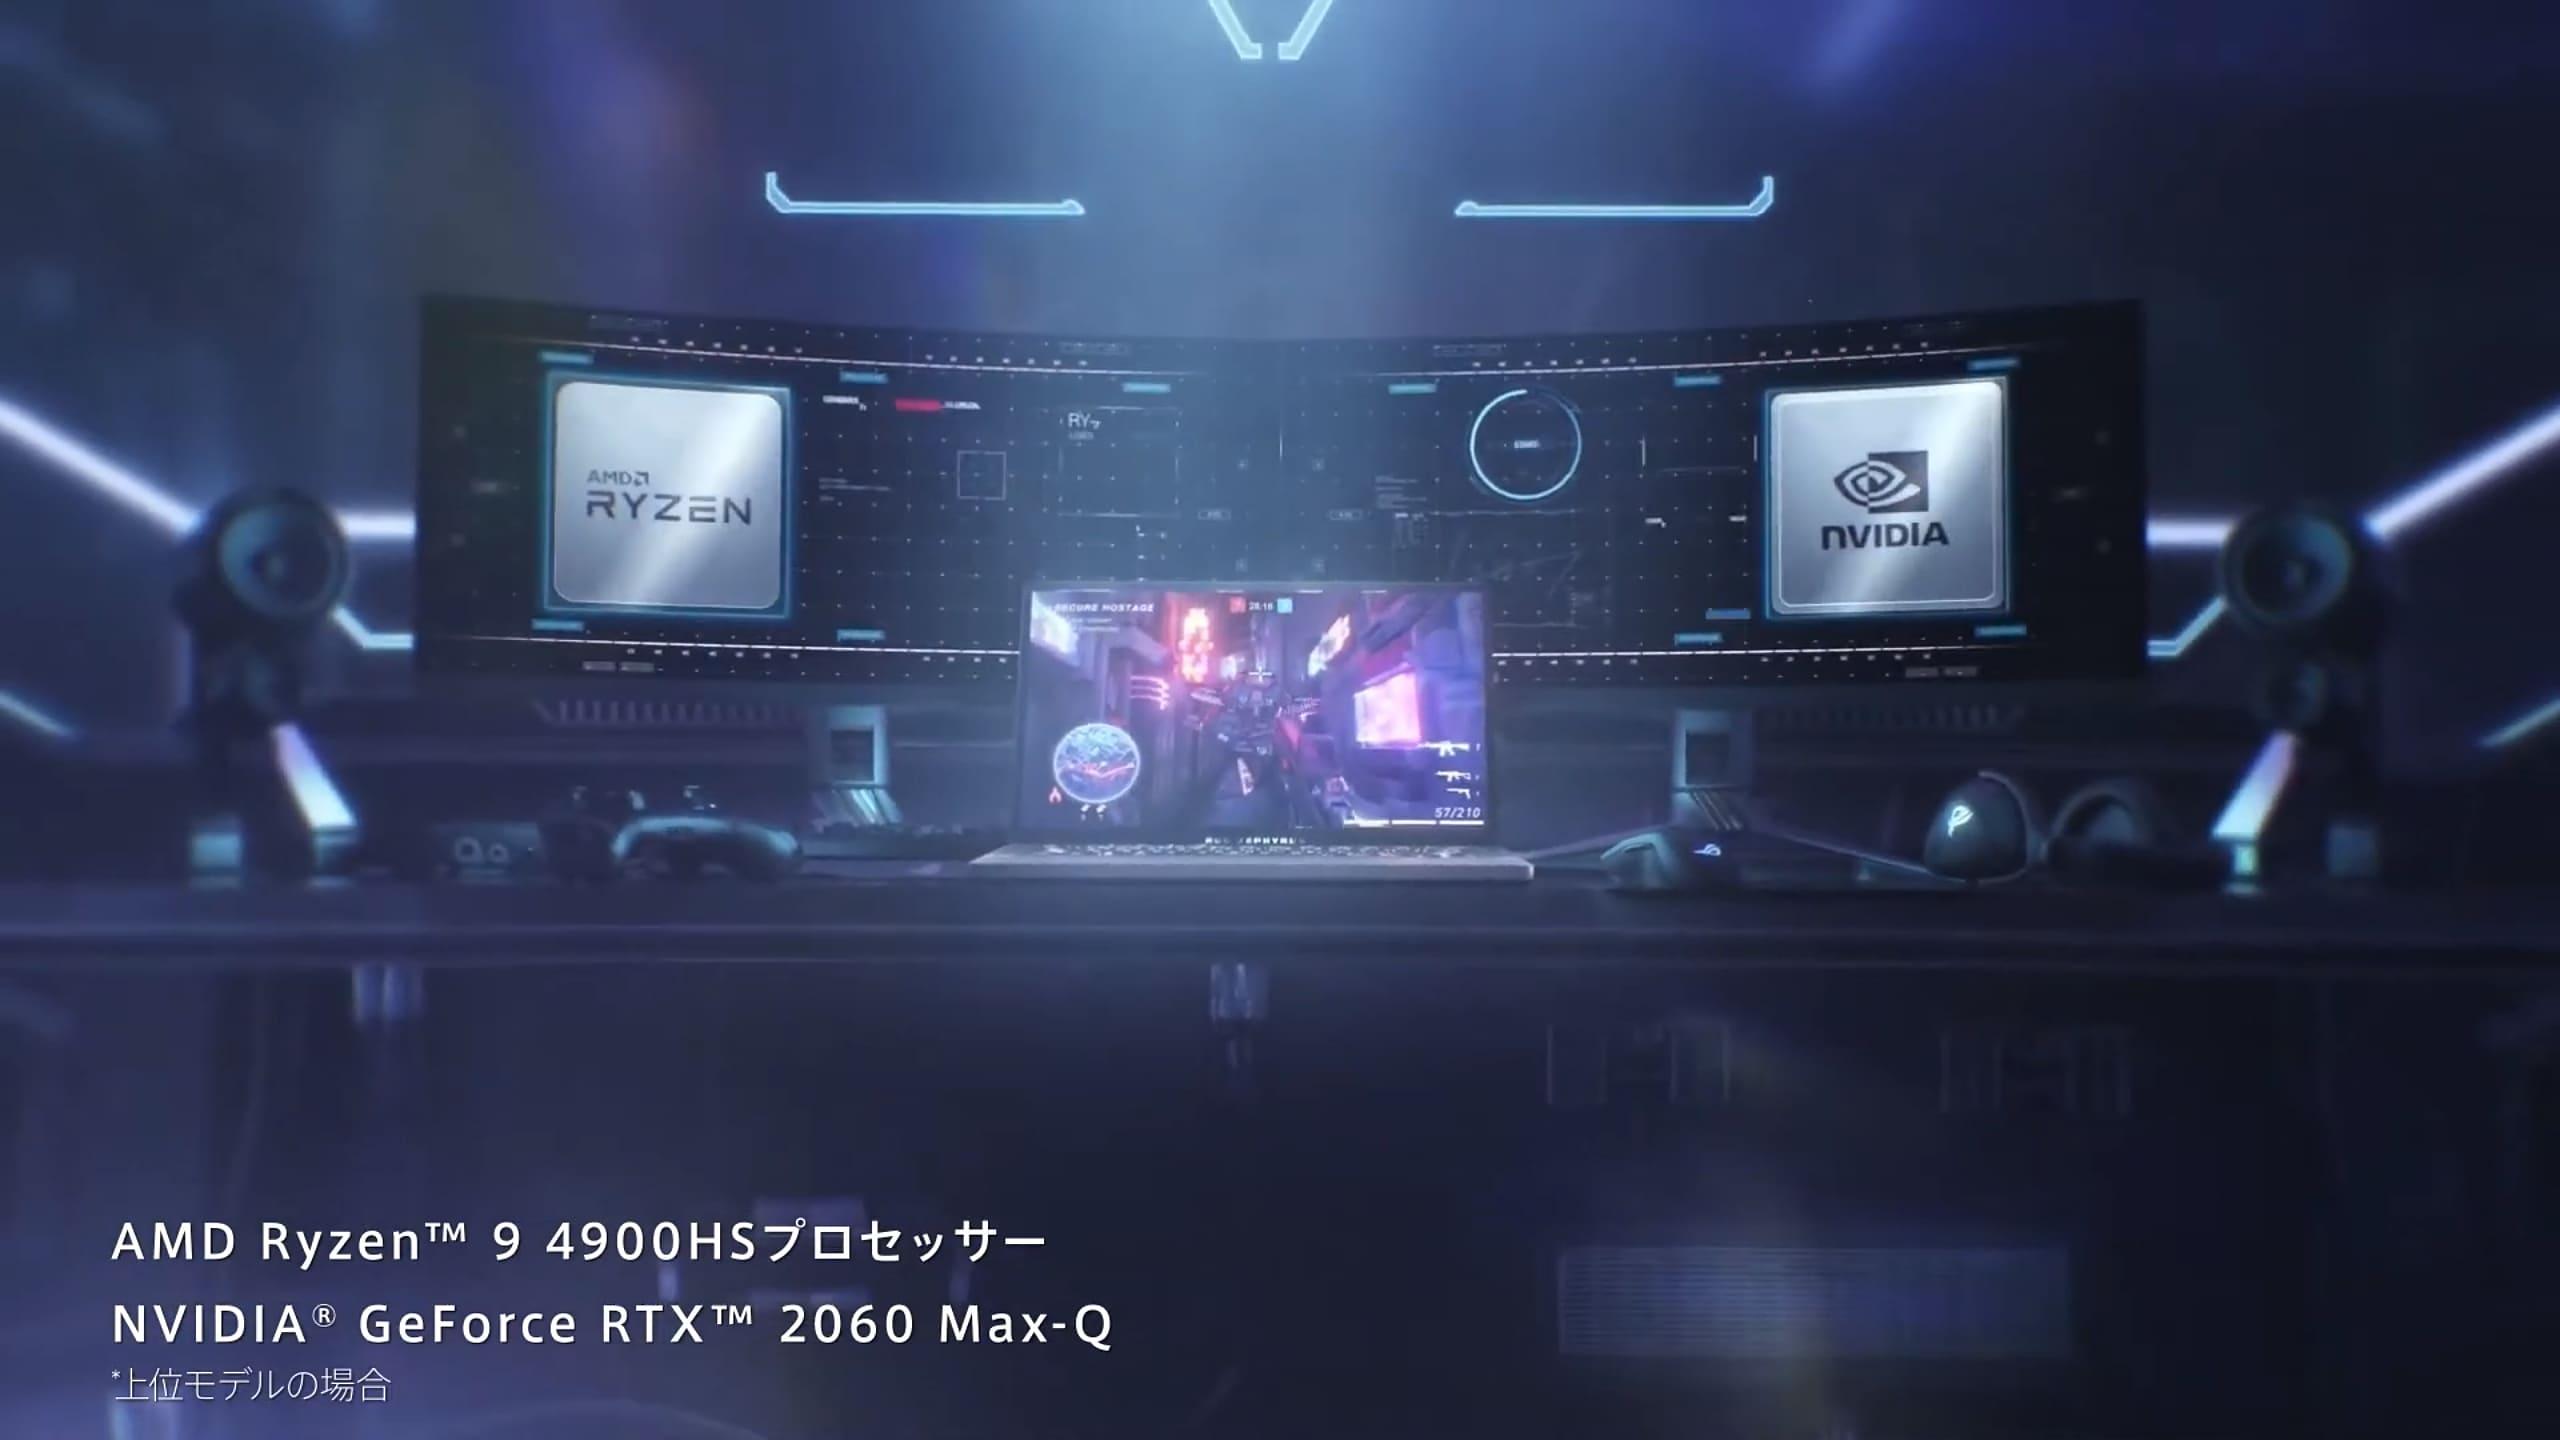 上位モデルにはAMD RYZEN 9 R9-4900HS、NVIDIA GeForce RTX 2060 Max-Qを搭載